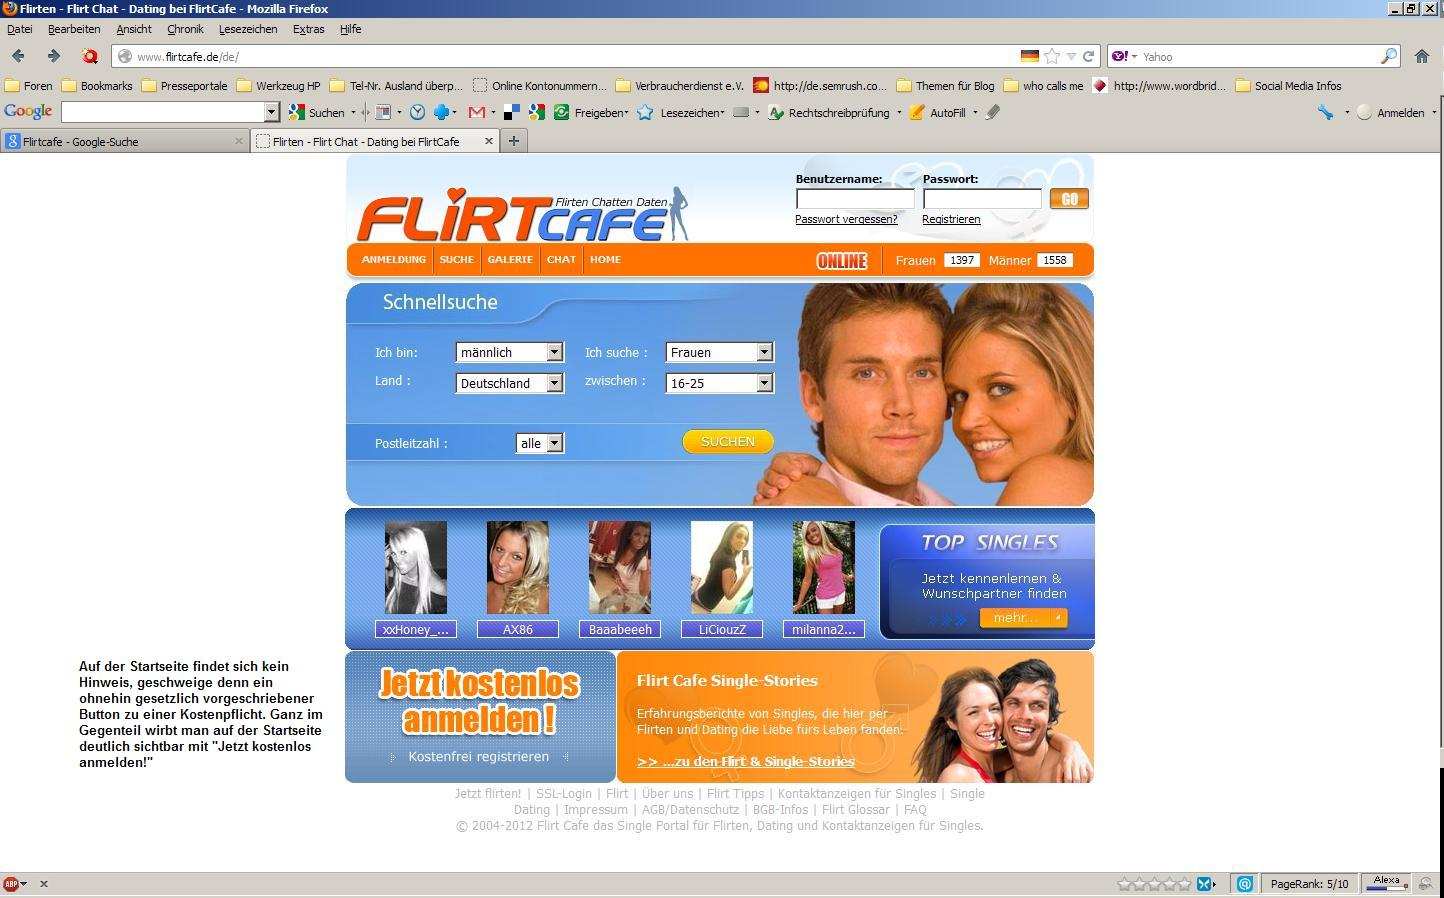 flirtcafe bewertung Flirtcafe im vergleichstest bewertung der singlebörse für junge singles.